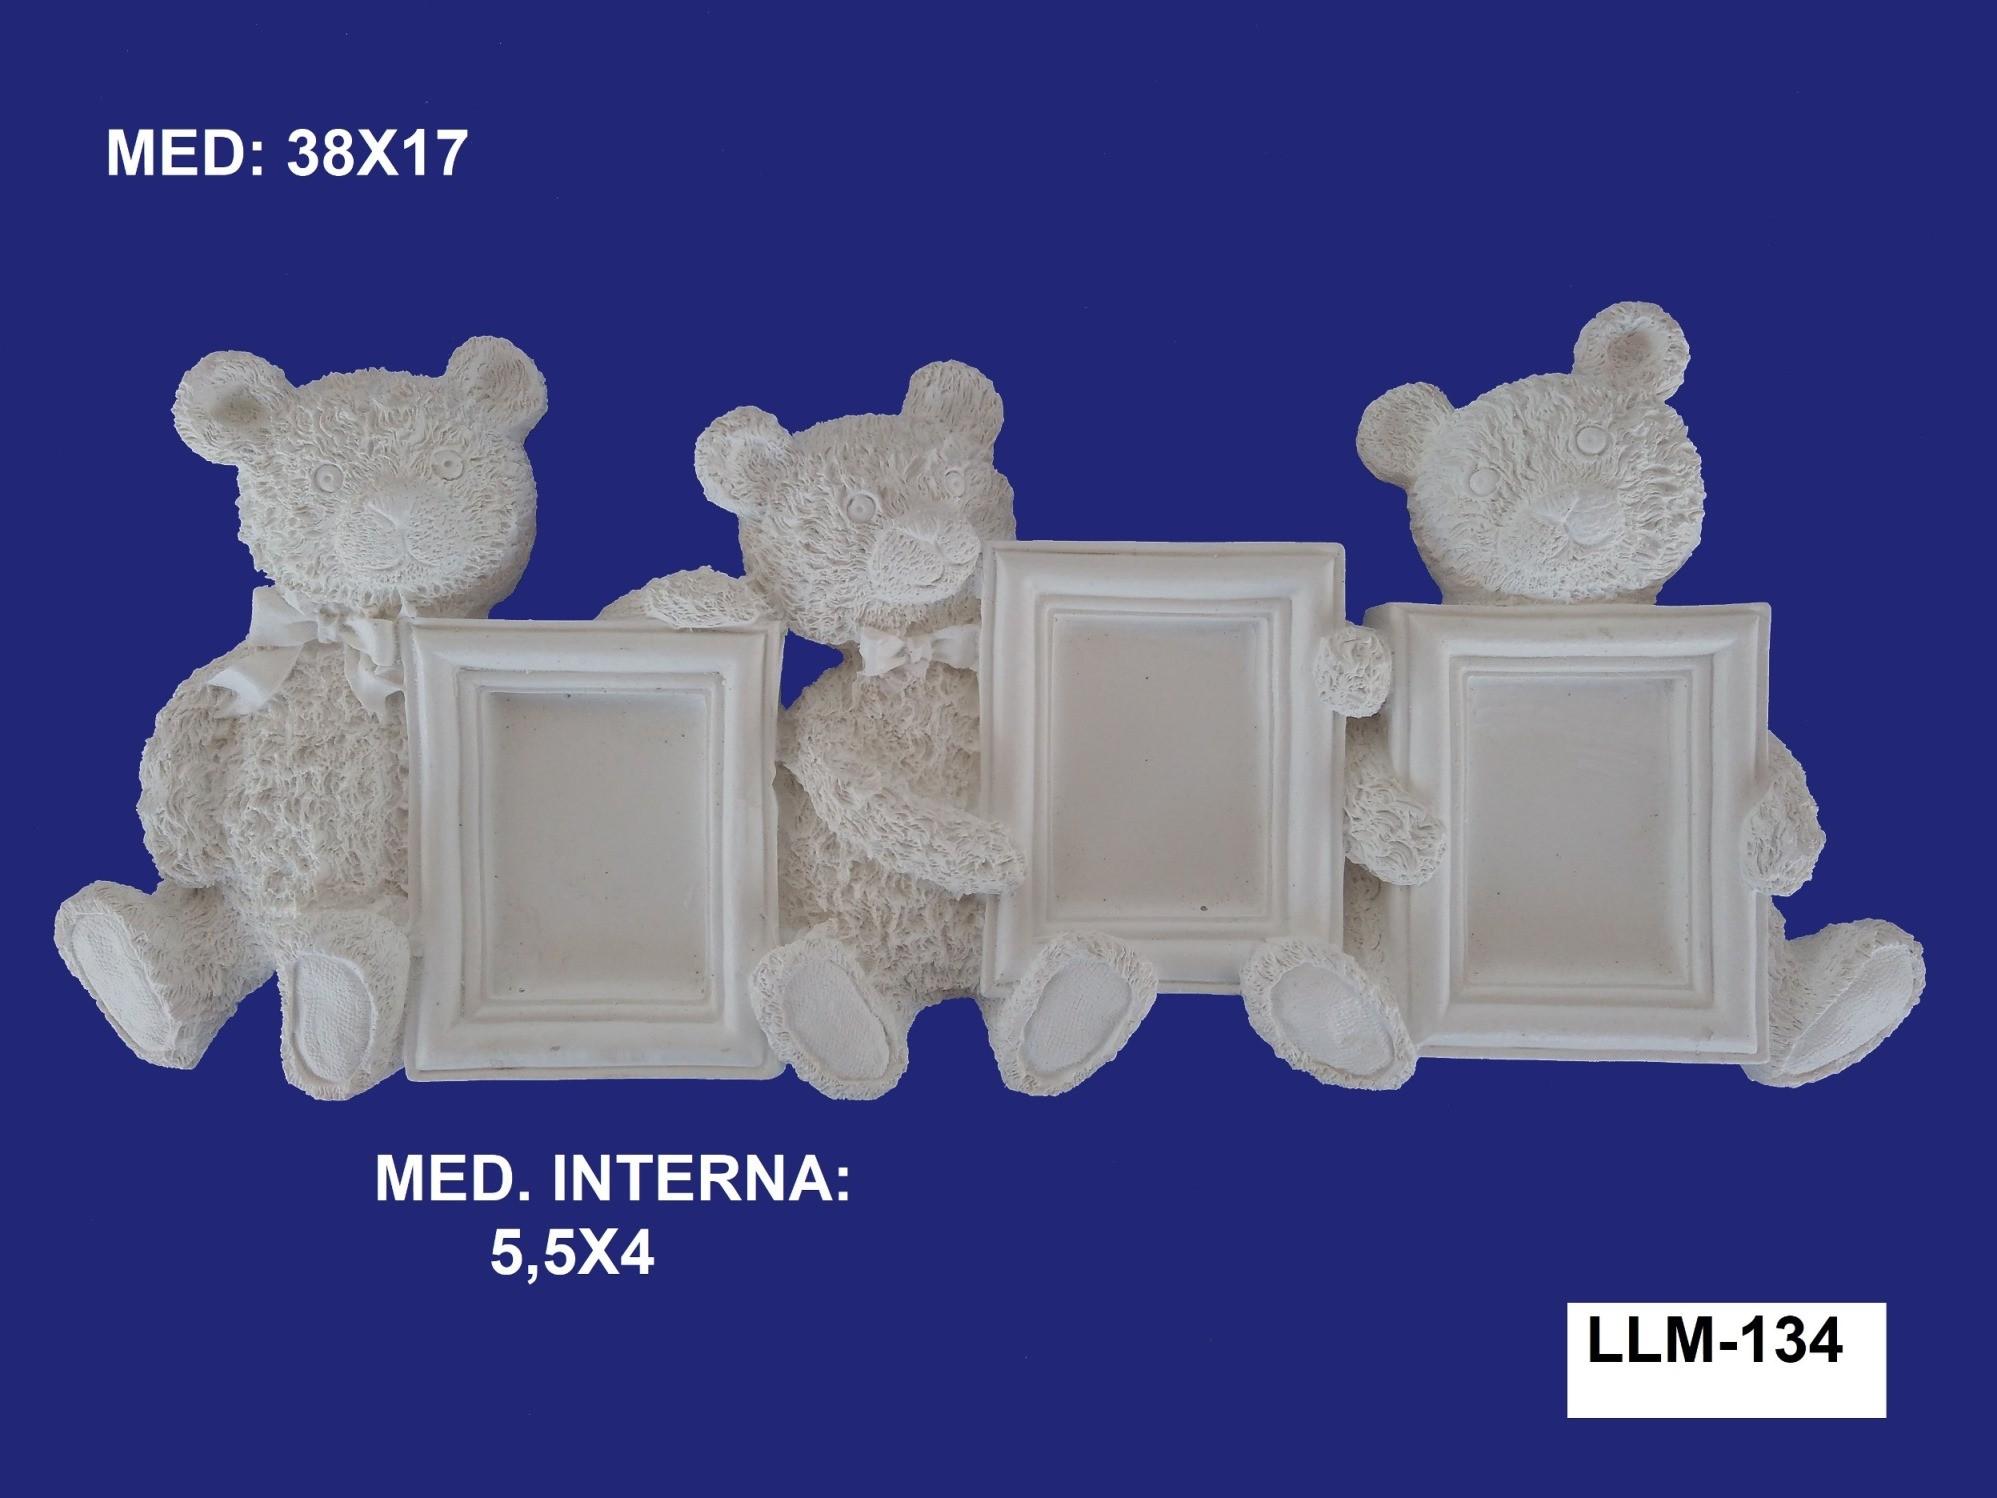 LLM-134 MOLDURA 38 X 17 INT: 5,5 X 4CM